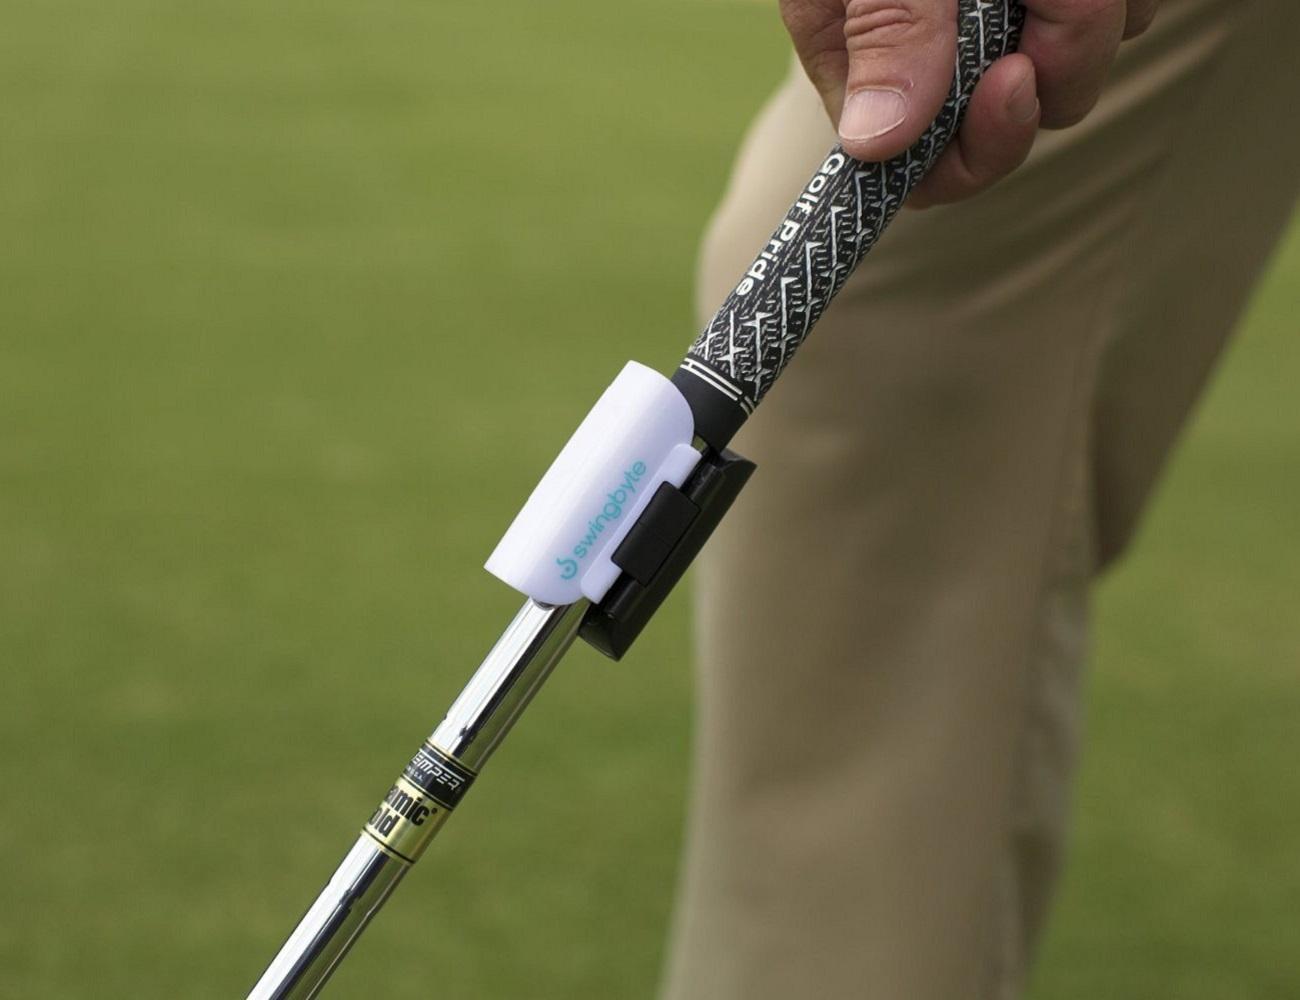 Swingbyte Golf Swing Analyzer